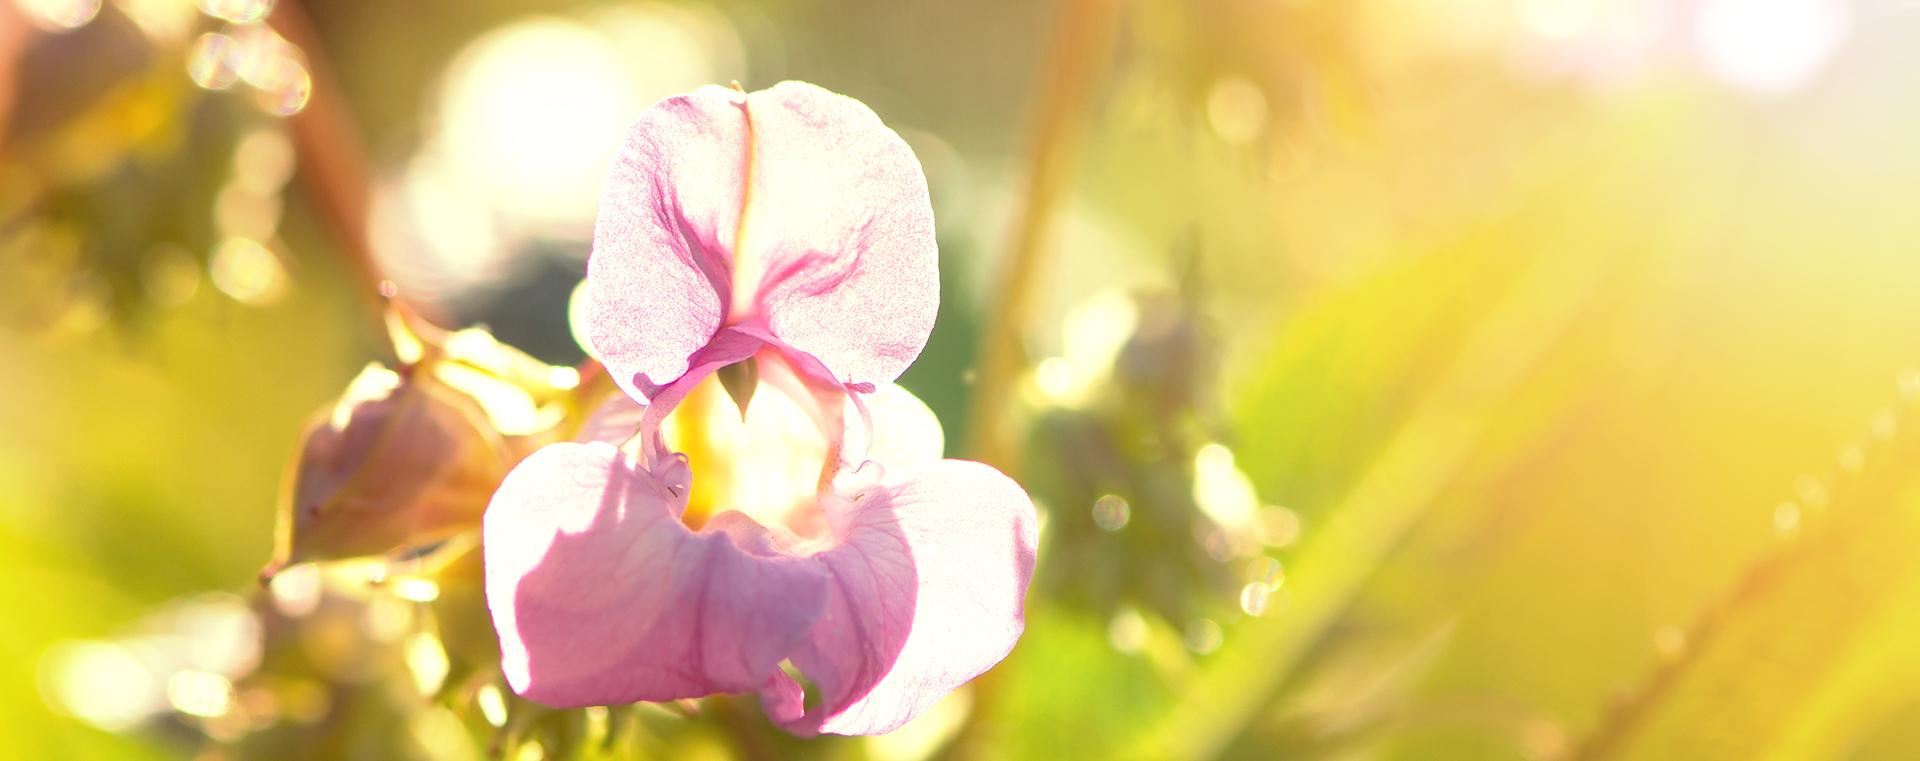 Impatiens Drüsentragendes Springkraut Einsamkeit Lemon Pharma Original Bachblüten